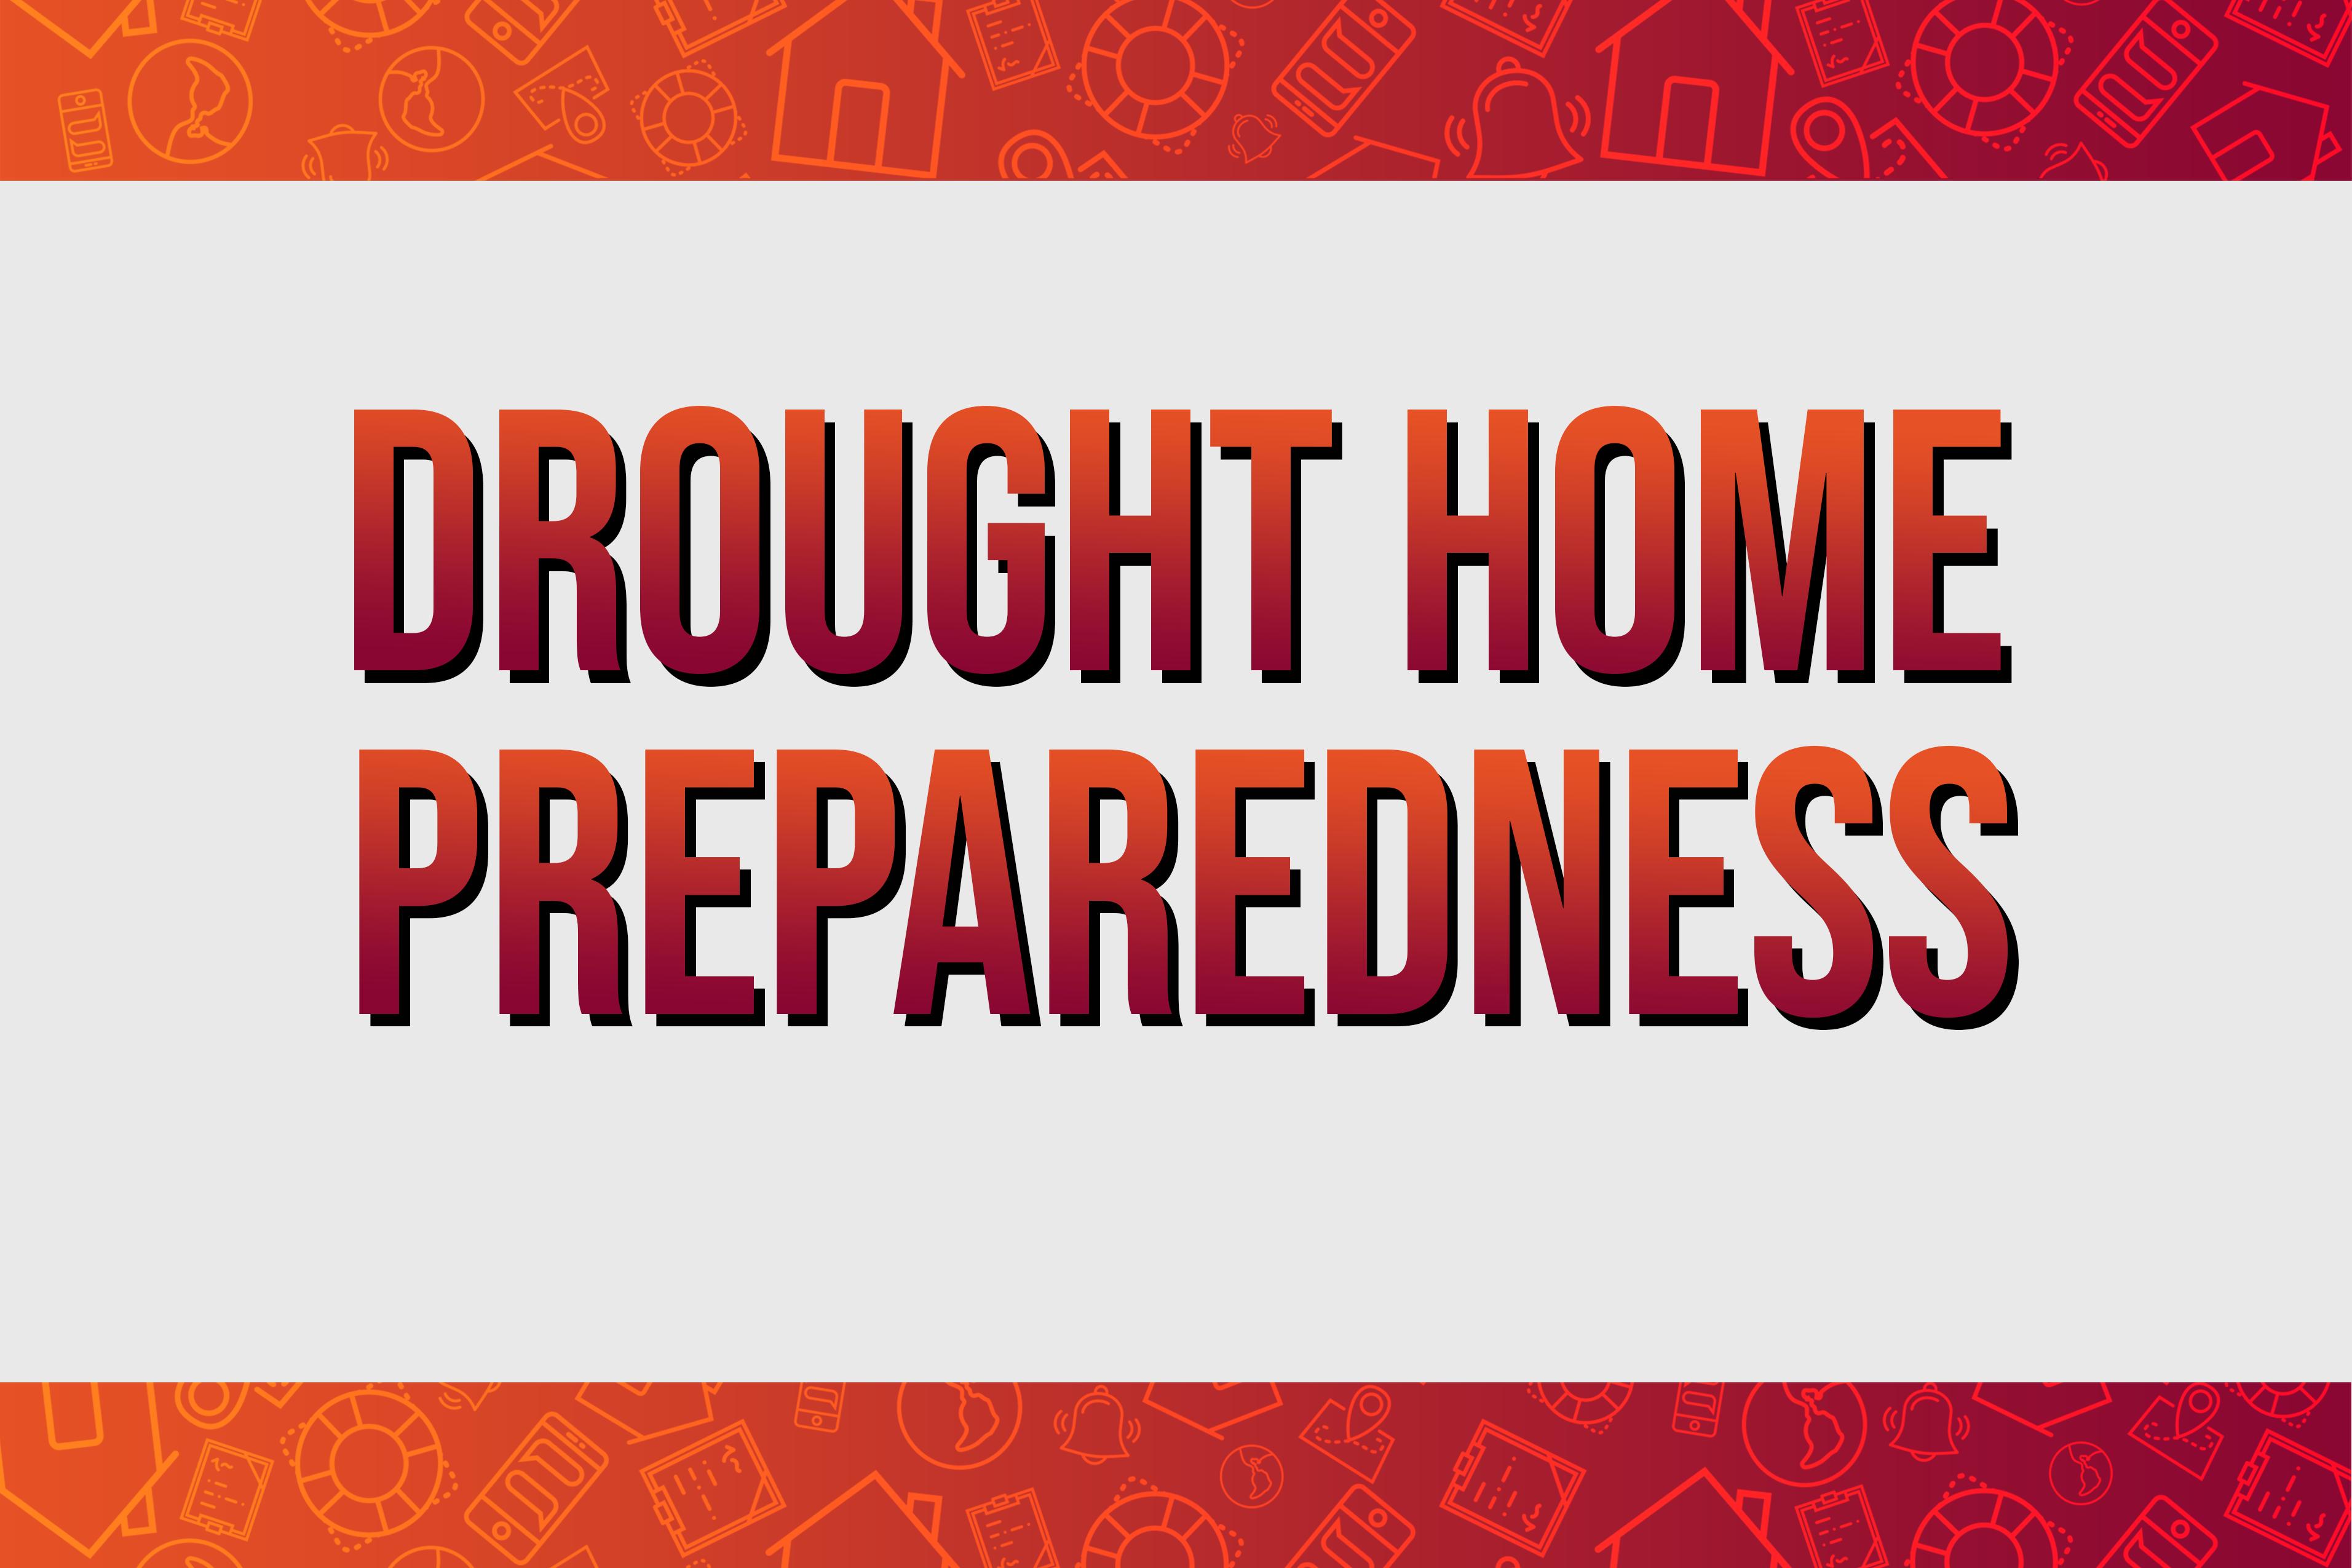 Drought Home Preparedness